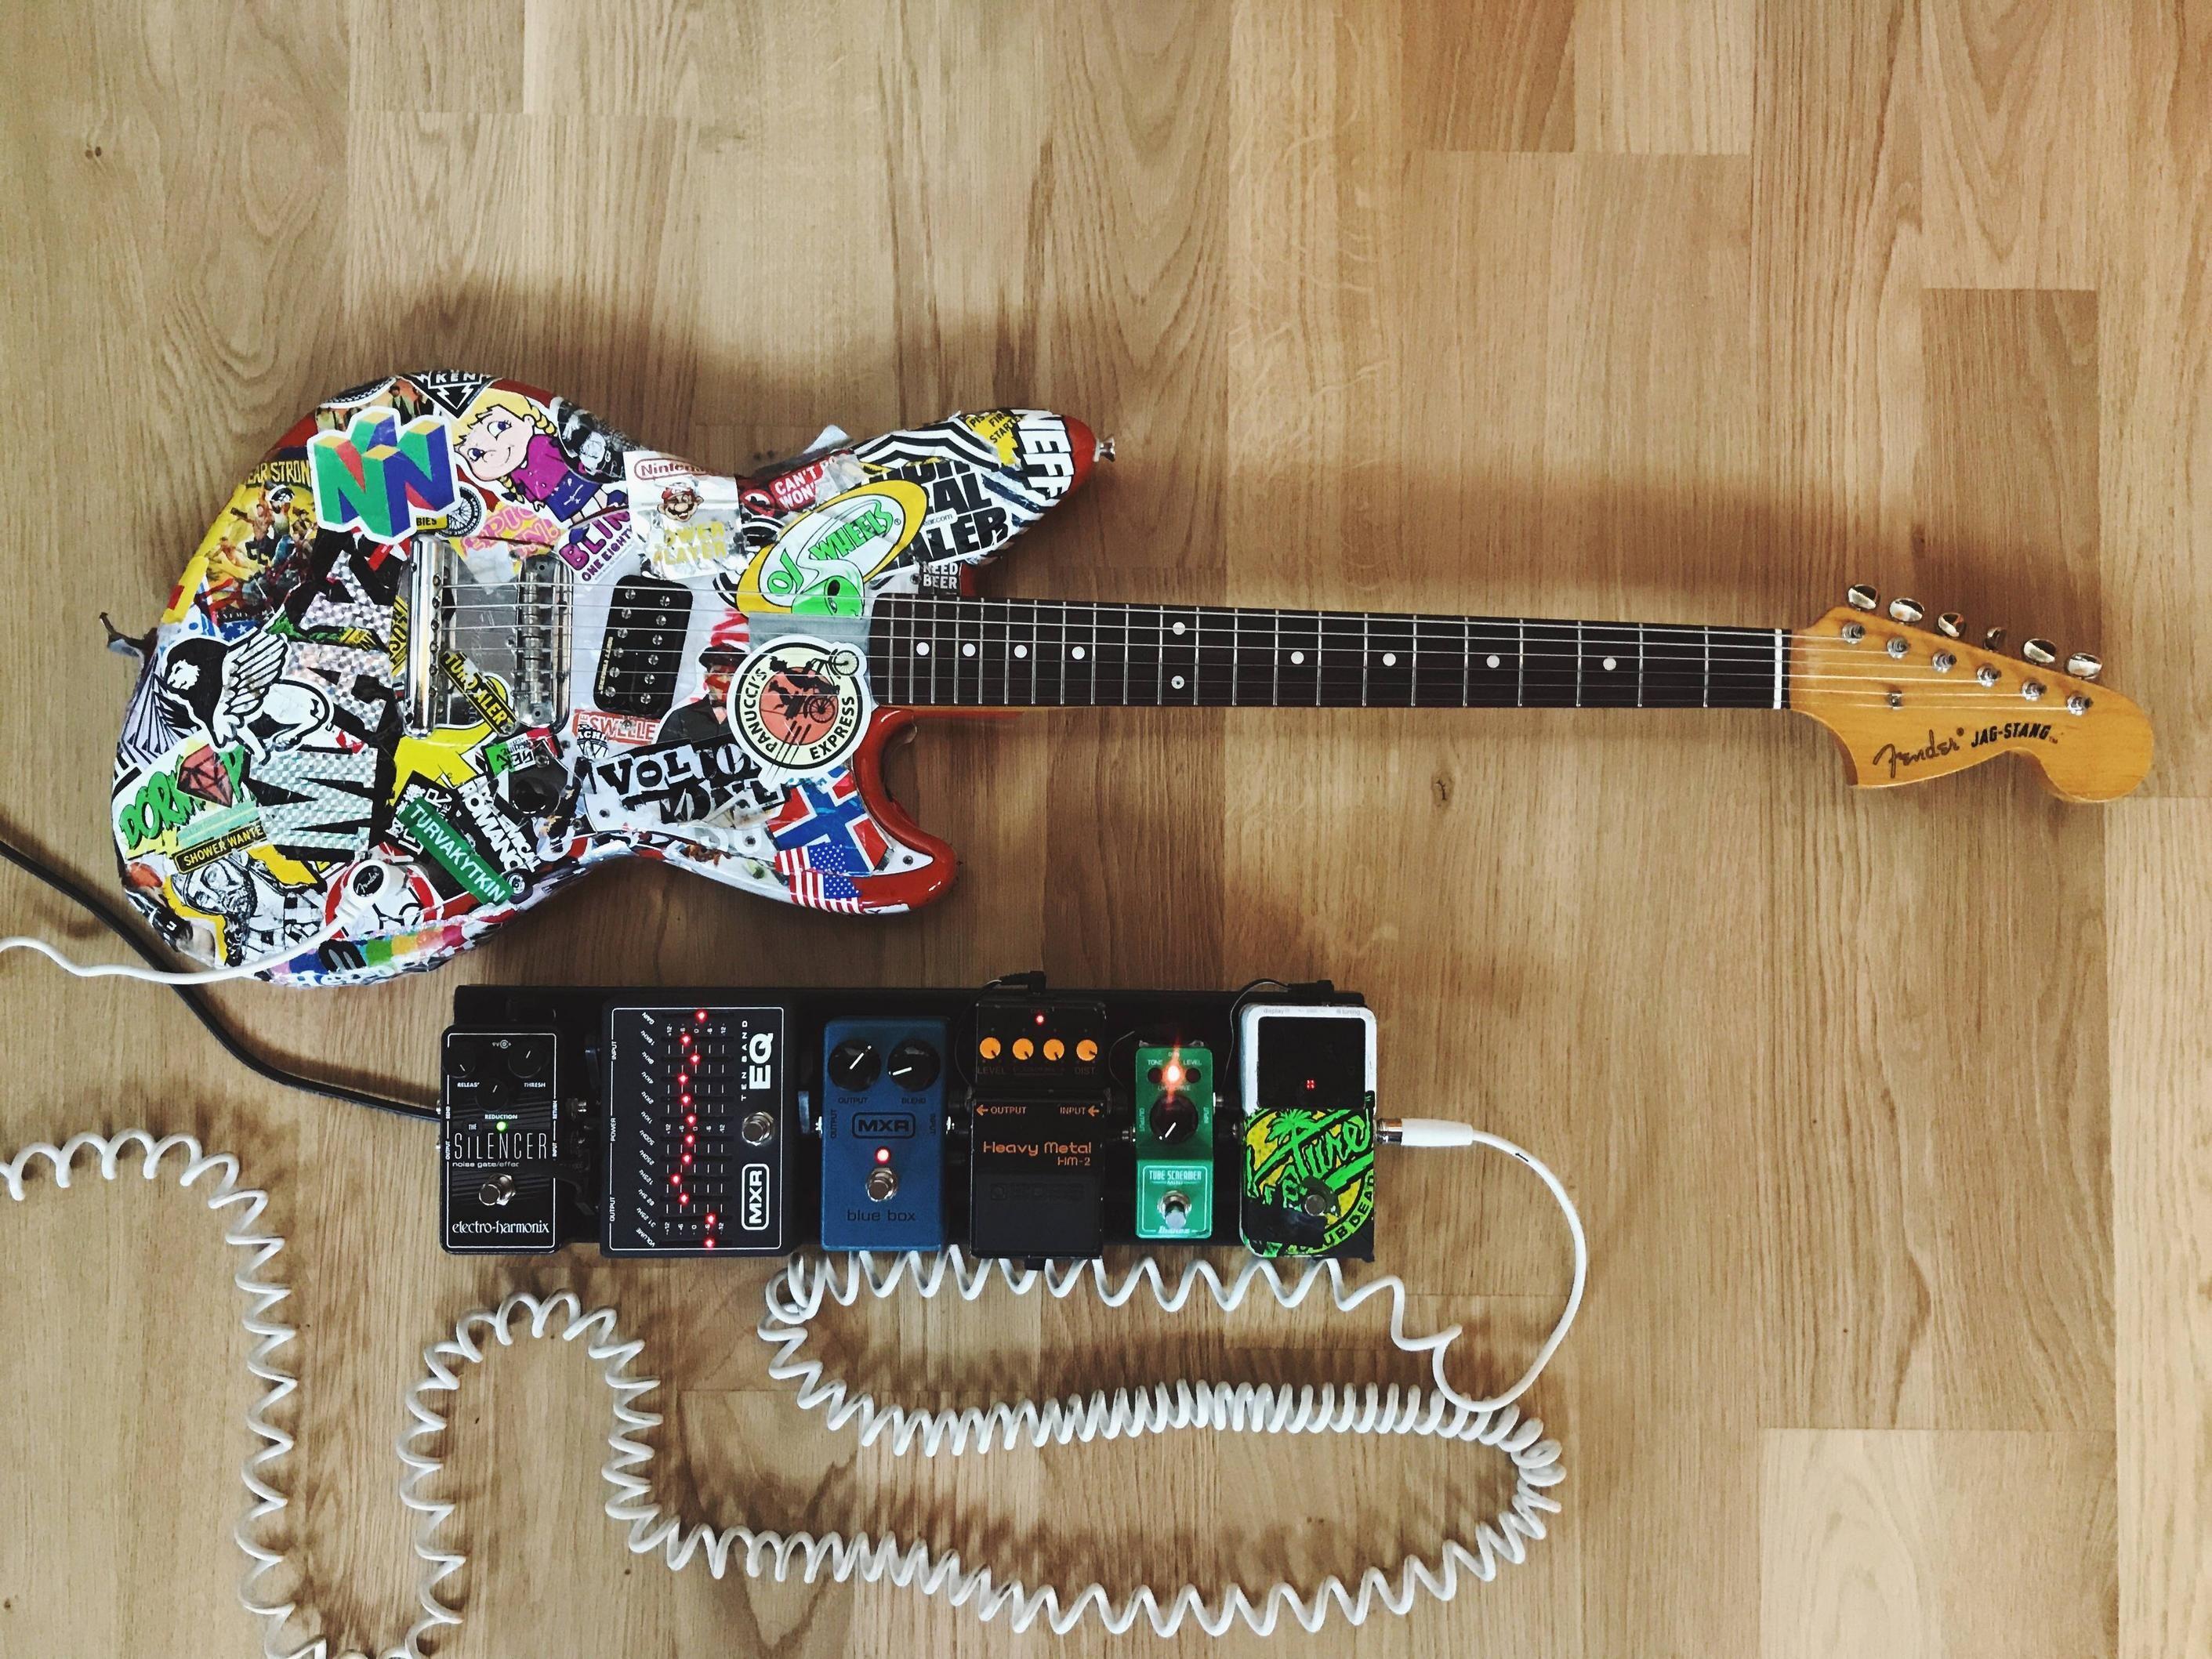 Top Scoring Links Guitarpedals Guitar Rig Guitar Pedals Stratocaster Guitar